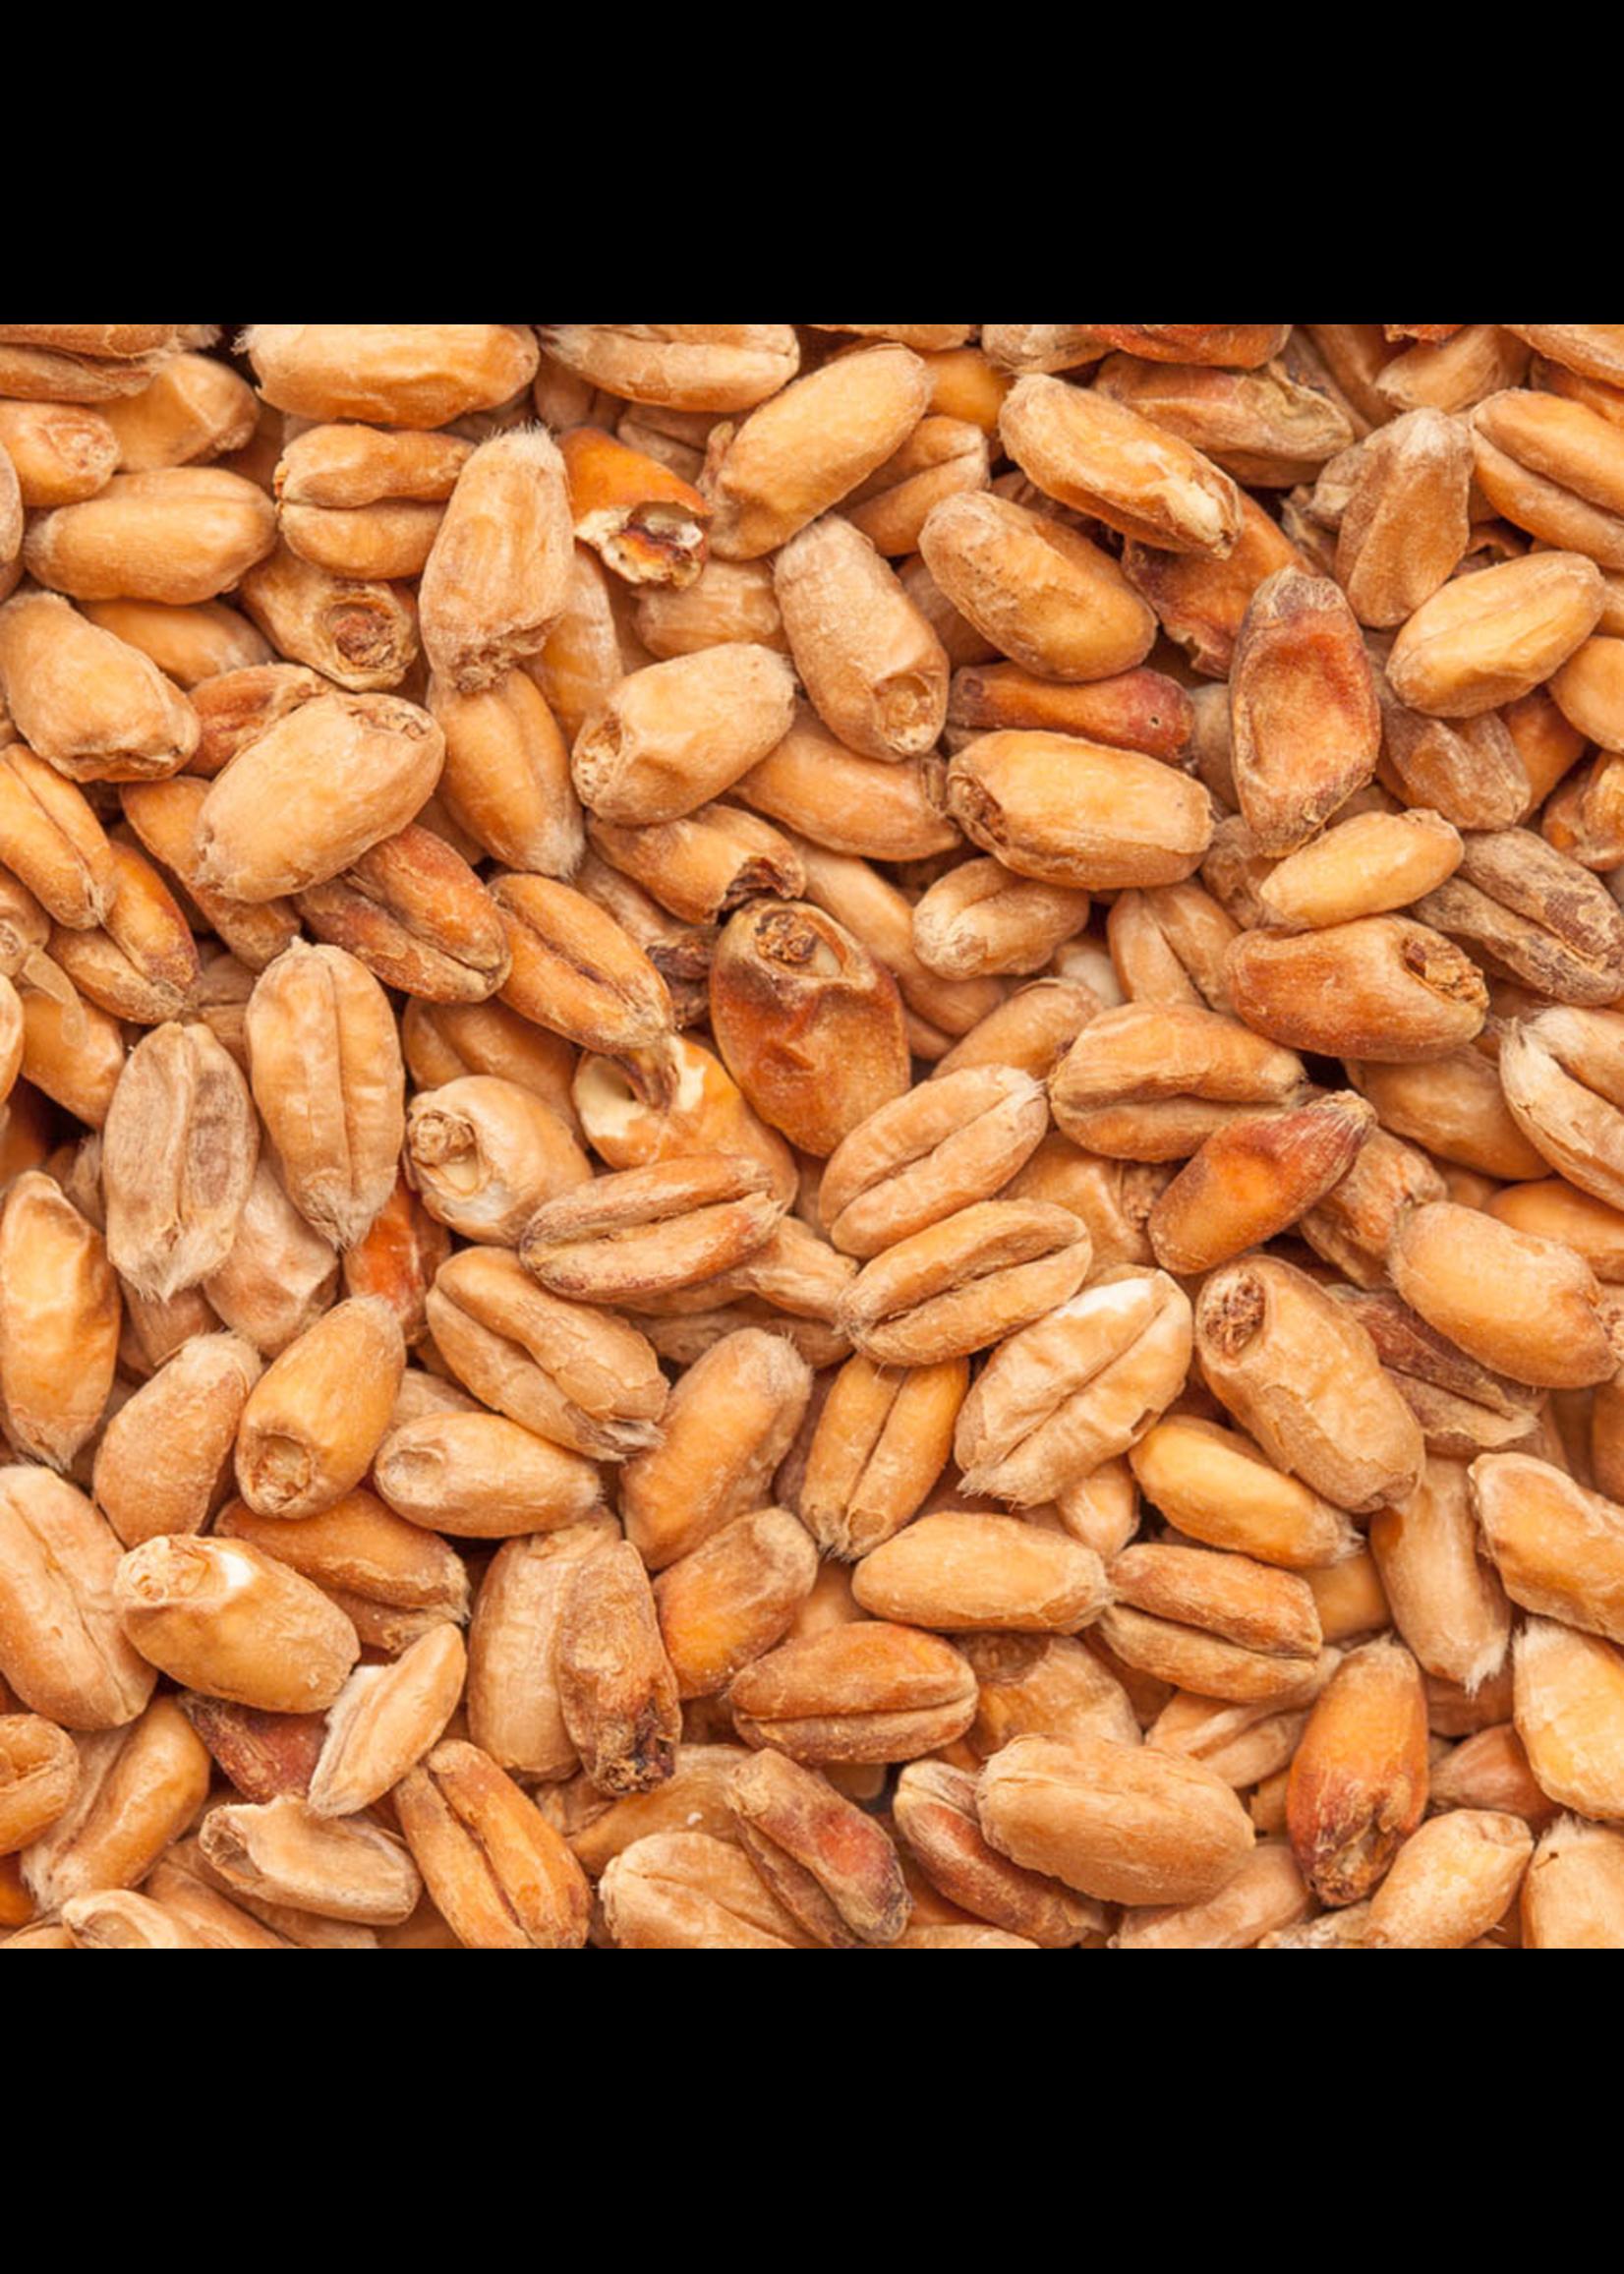 Grain Best Malz Dark Wheat Malt - F12 - 1 LB